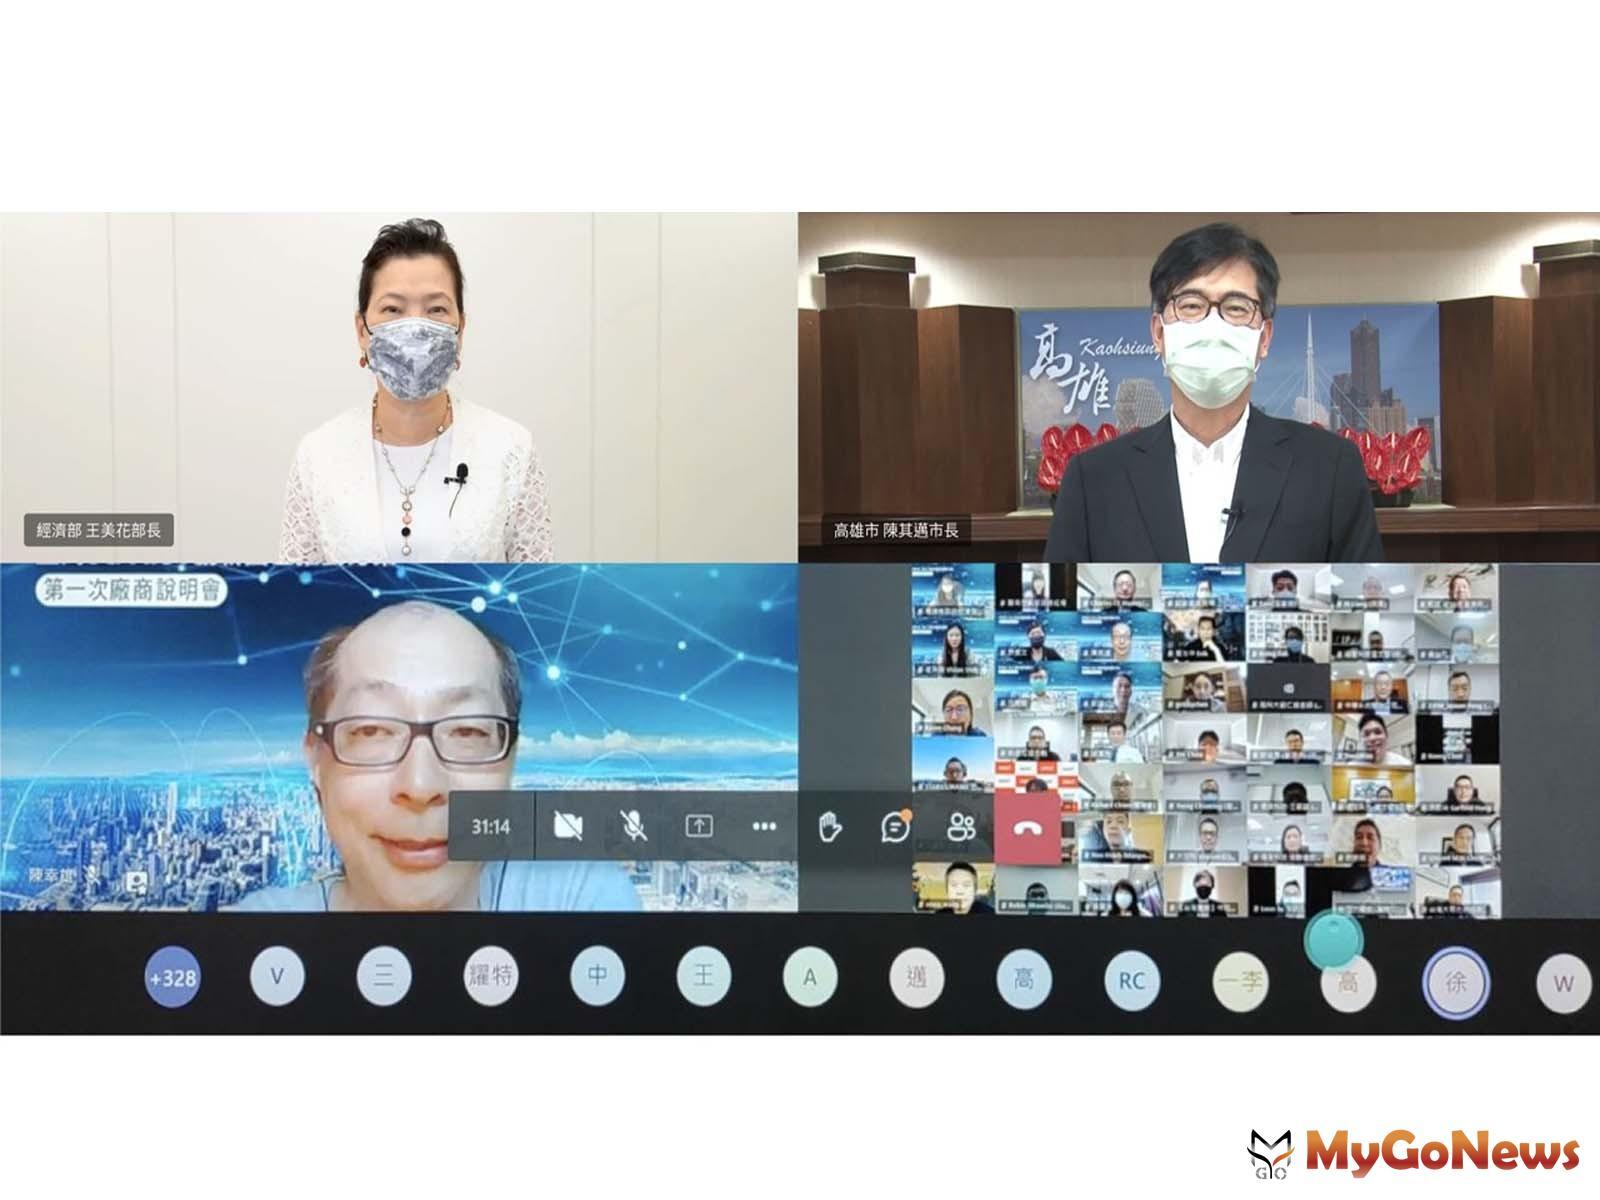 亞灣5G AIoT創新園區線上說明會登場,超過300家企業表達進駐意願(圖/高雄市政府) MyGoNews房地產新聞 區域情報